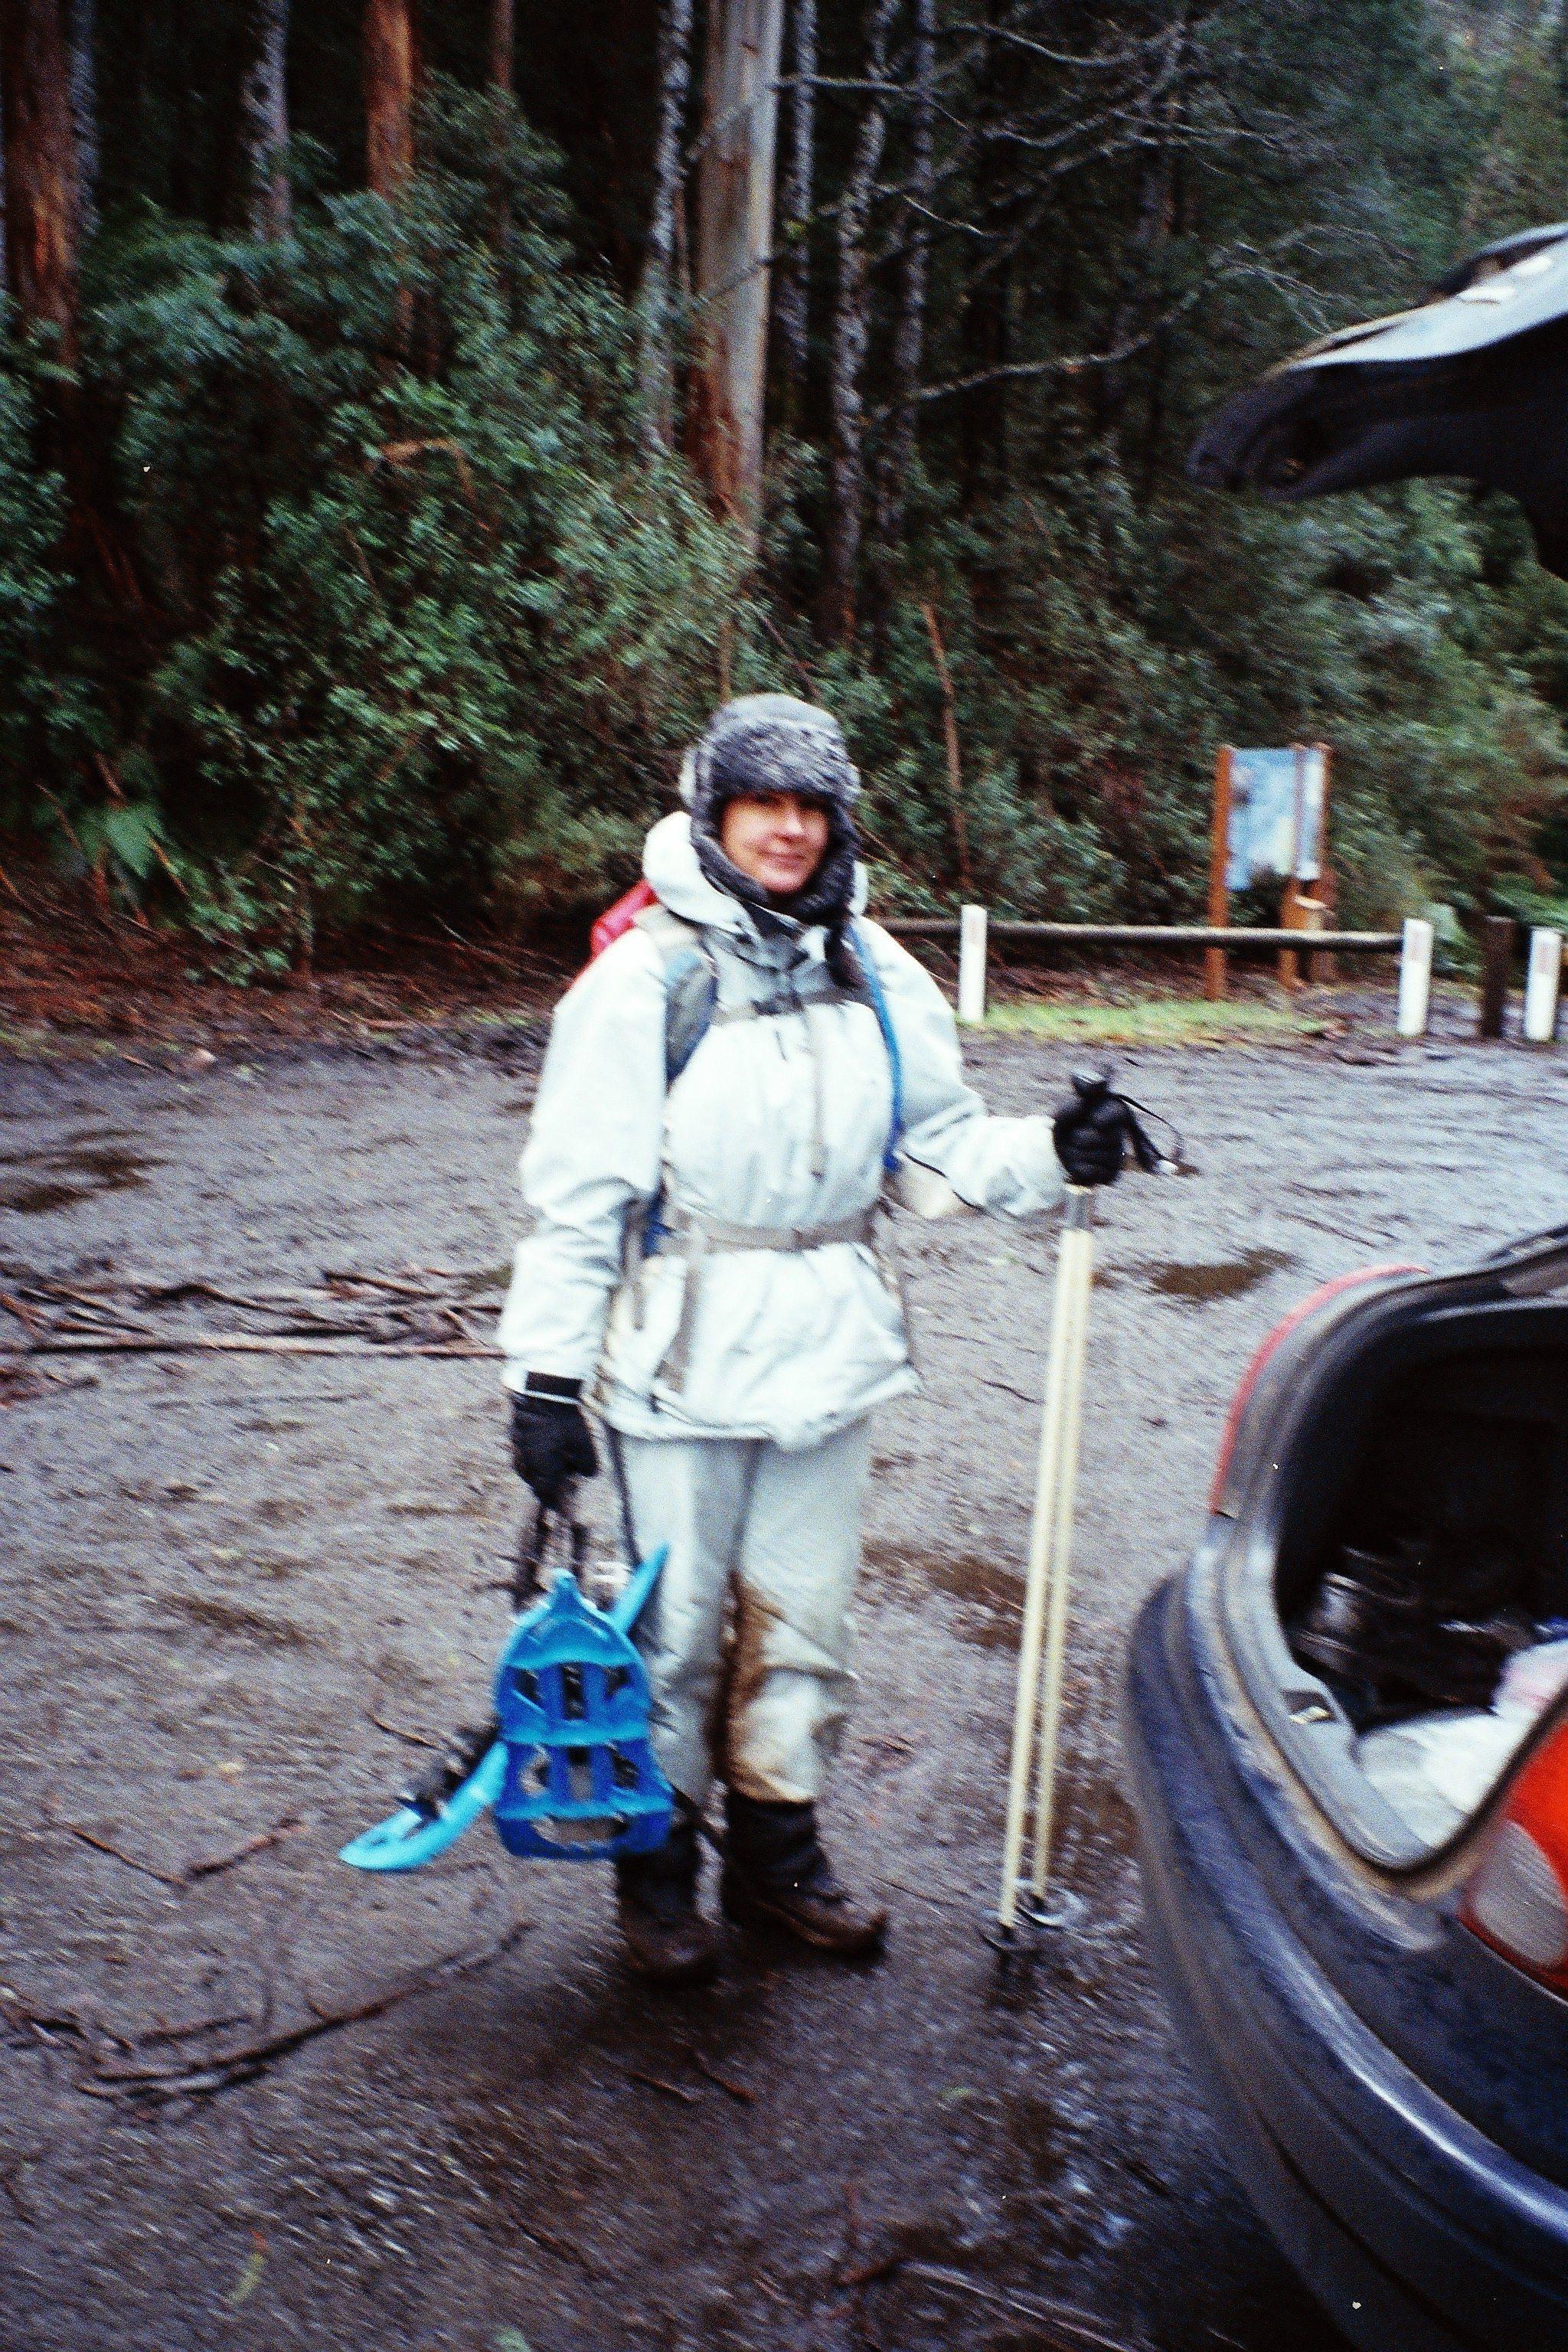 Carola at  Mt. Erica car aprk.jpg